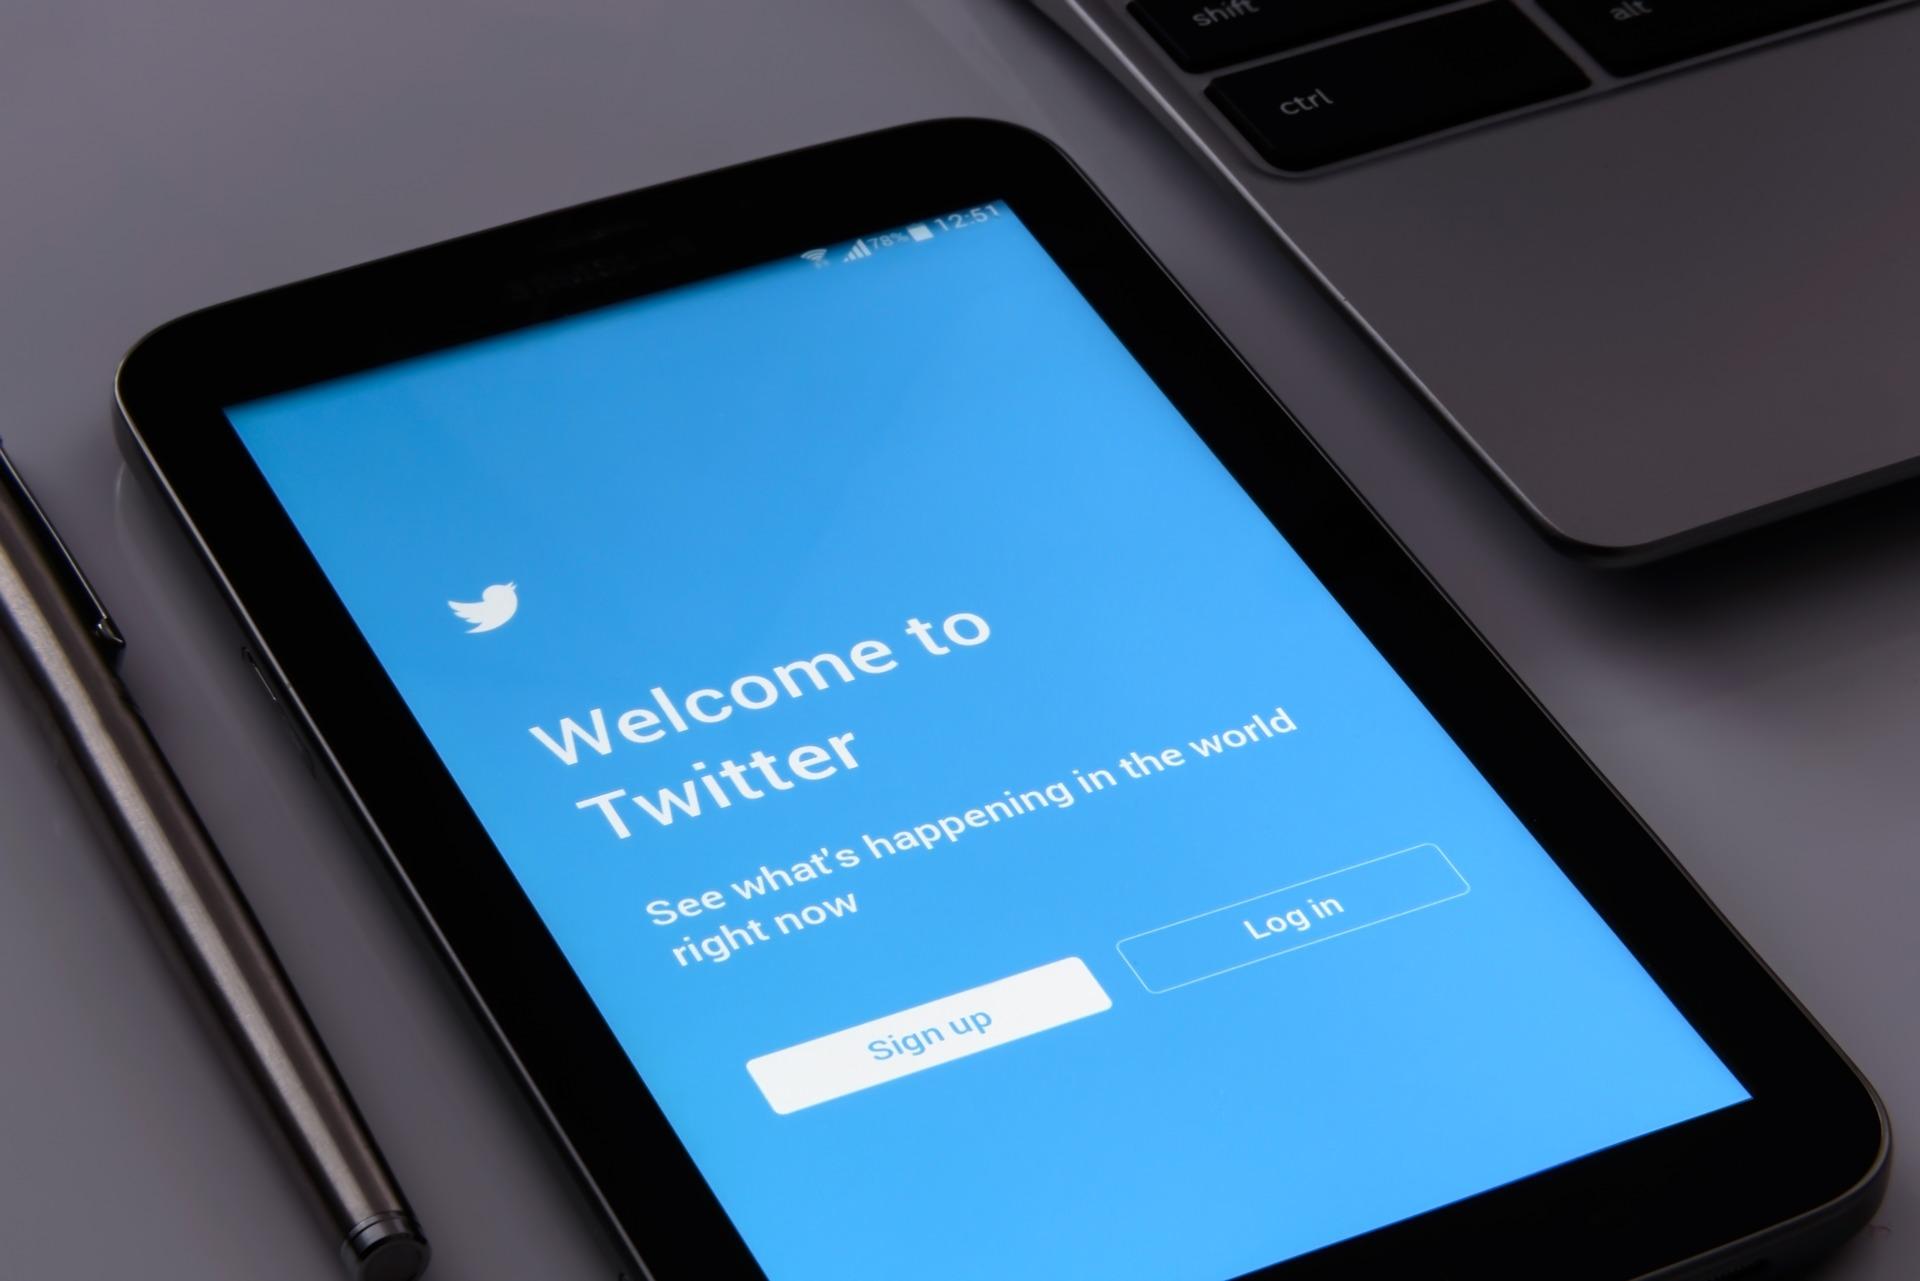 États-Unis: Twitter va renforcer la sécurité des comptes politiques avant les élections